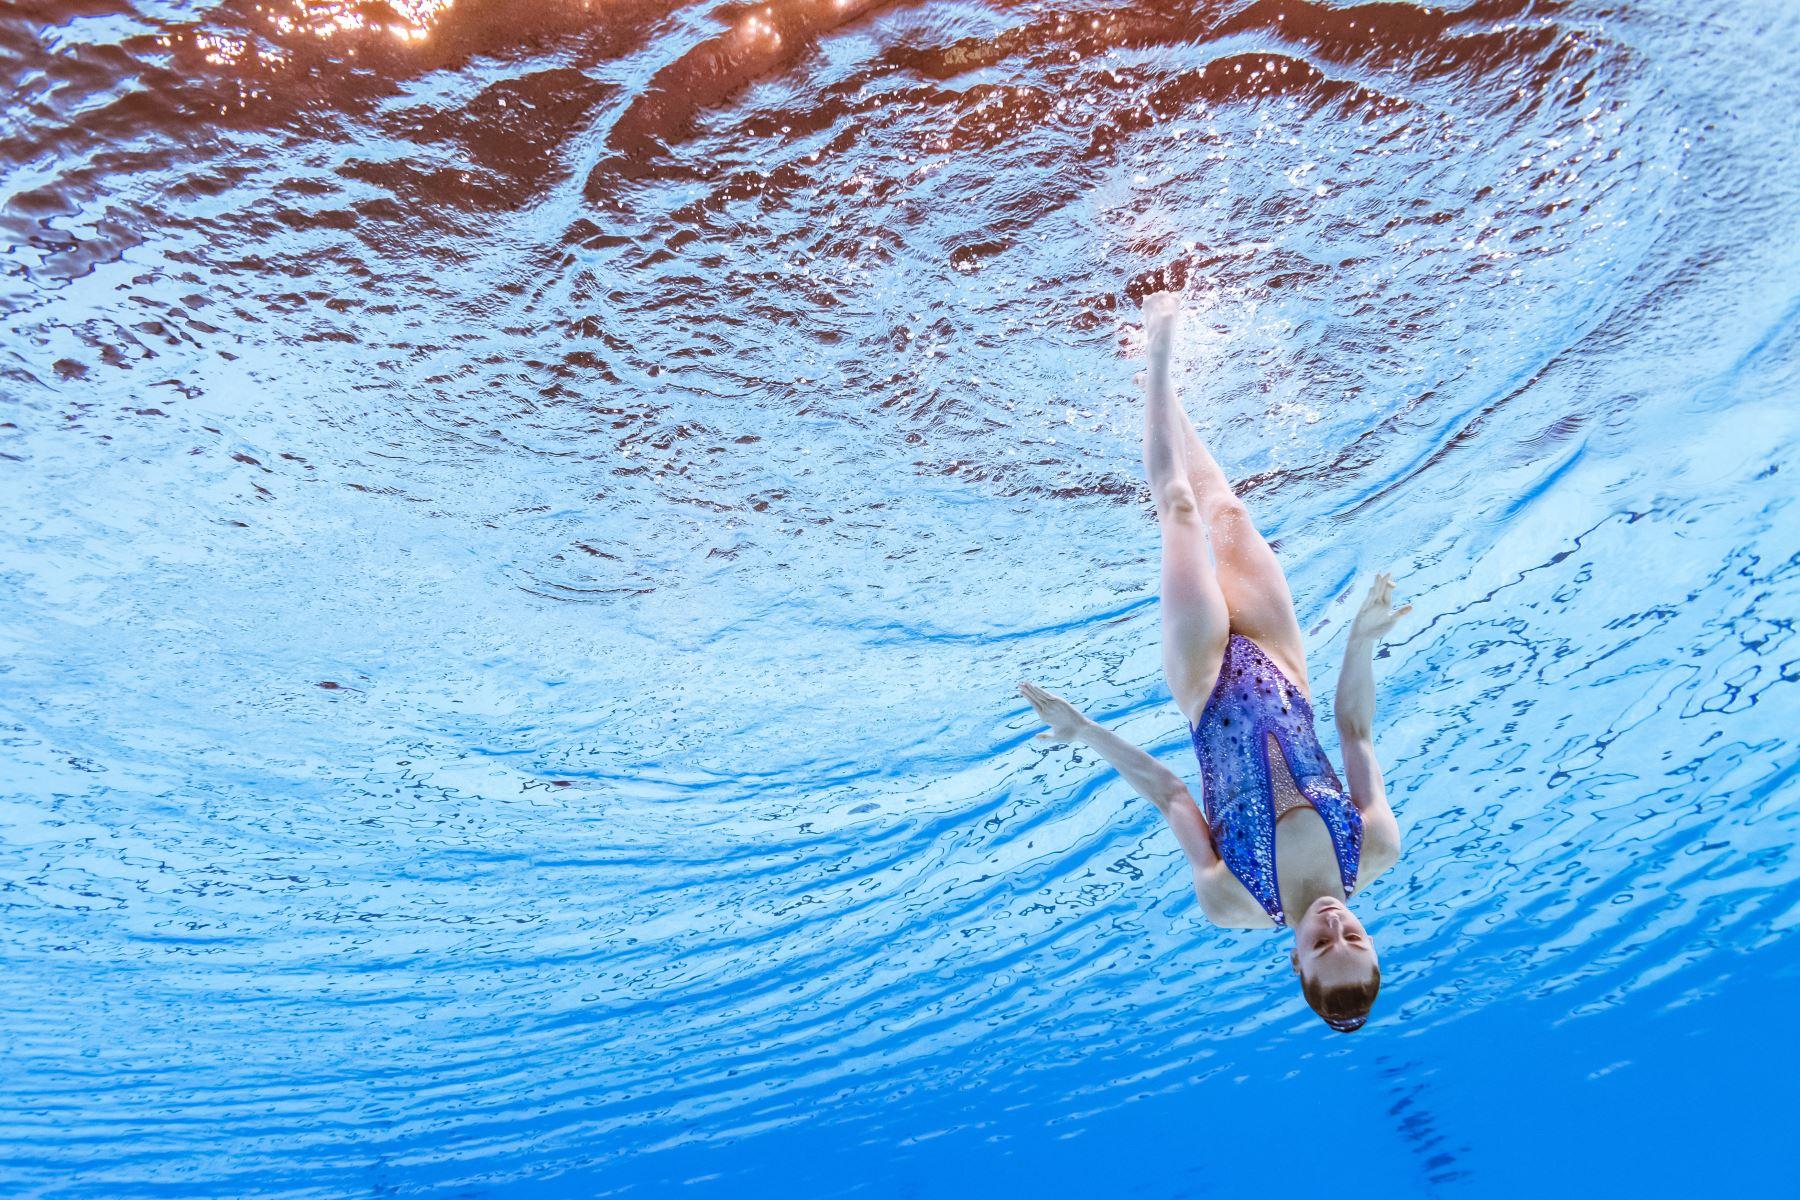 Eve Plainex de Francia compite en el evento de natación artística durante el campeonato mundial 2019 en Corea del Sur. Foto: AFP